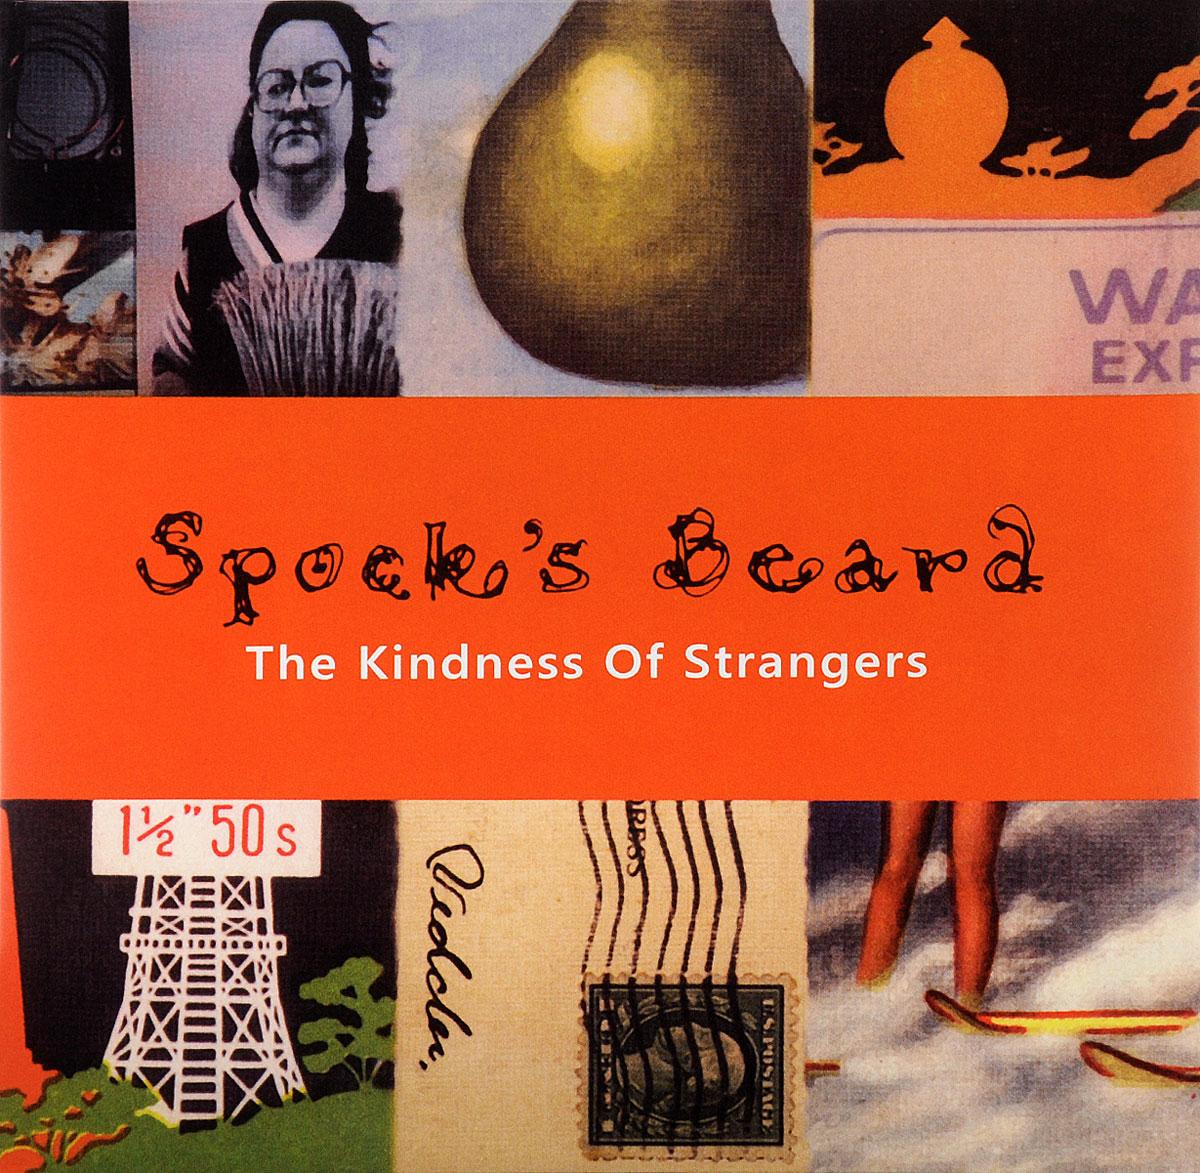 Spock's Beard Spock's Beard. The Kindness Of Strangers (2 LP) crossing the blvd – strangers neighbors